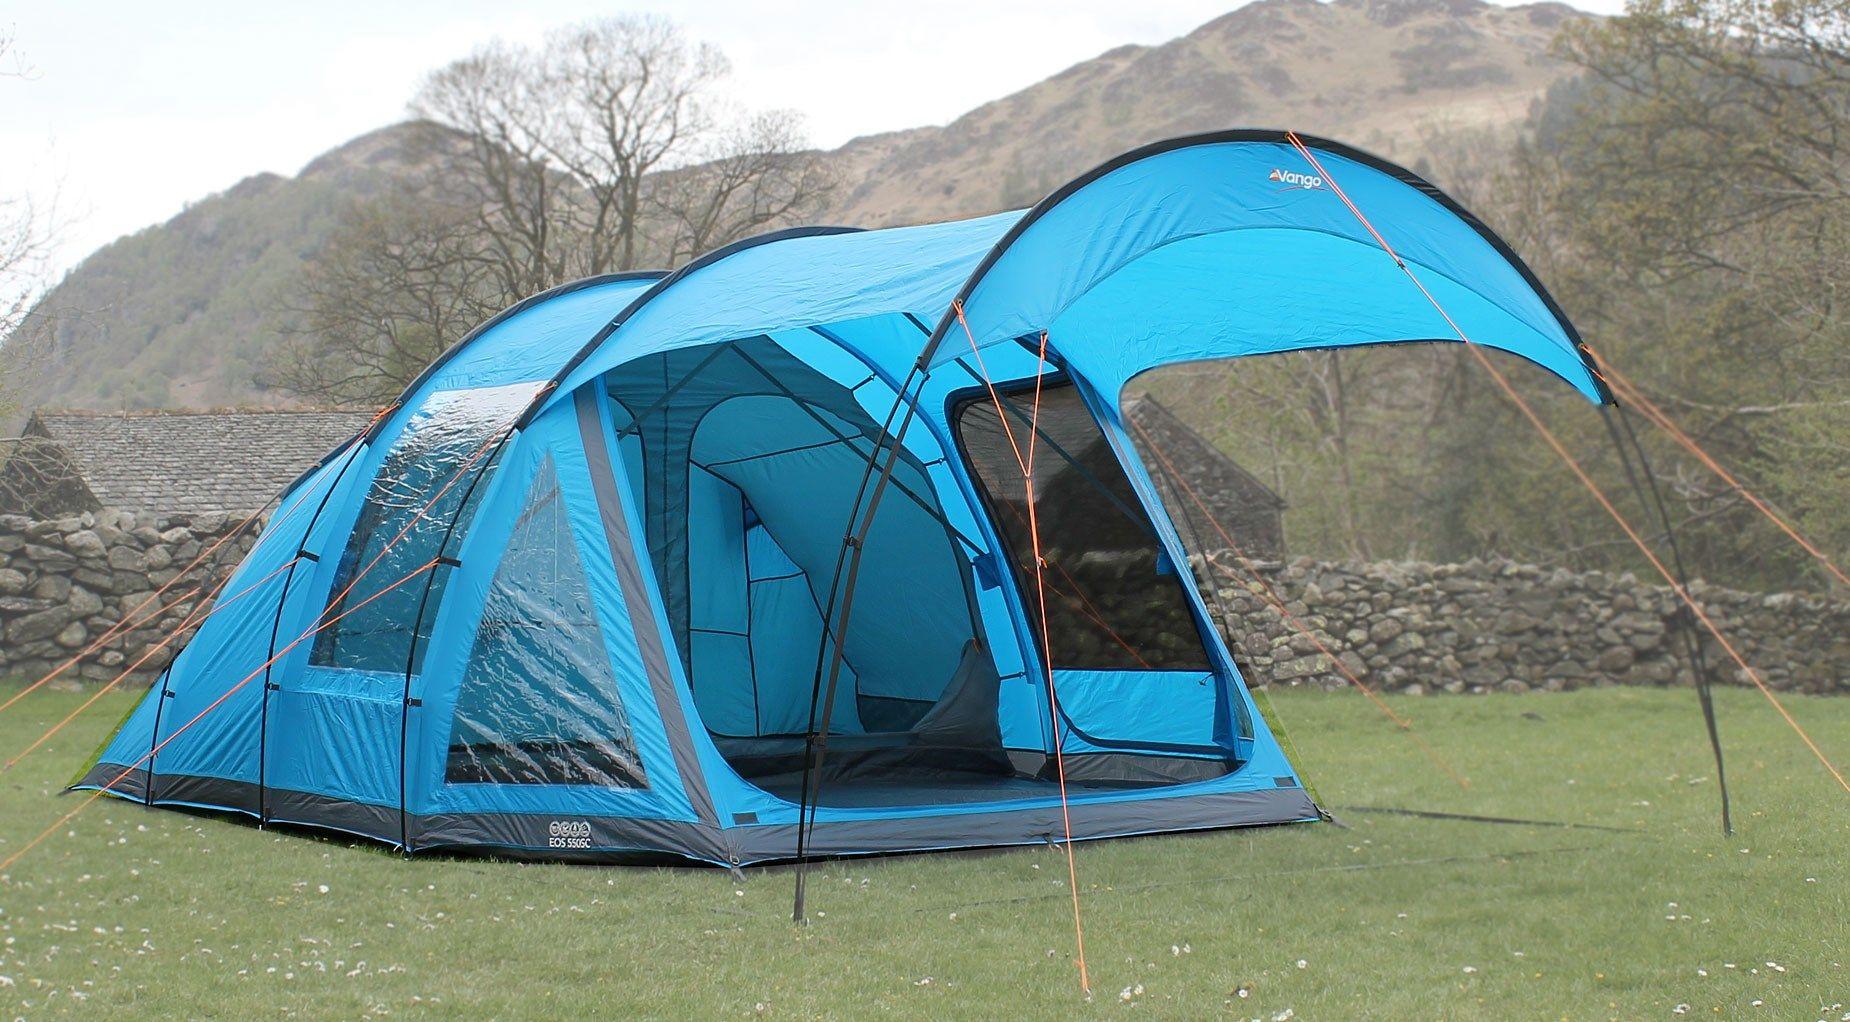 Vango Eos 550 SC Tent | GO Outdoors & Vango Eos 550 SC Tent | GO Outdoors | Tents | Pinterest | Tents ...